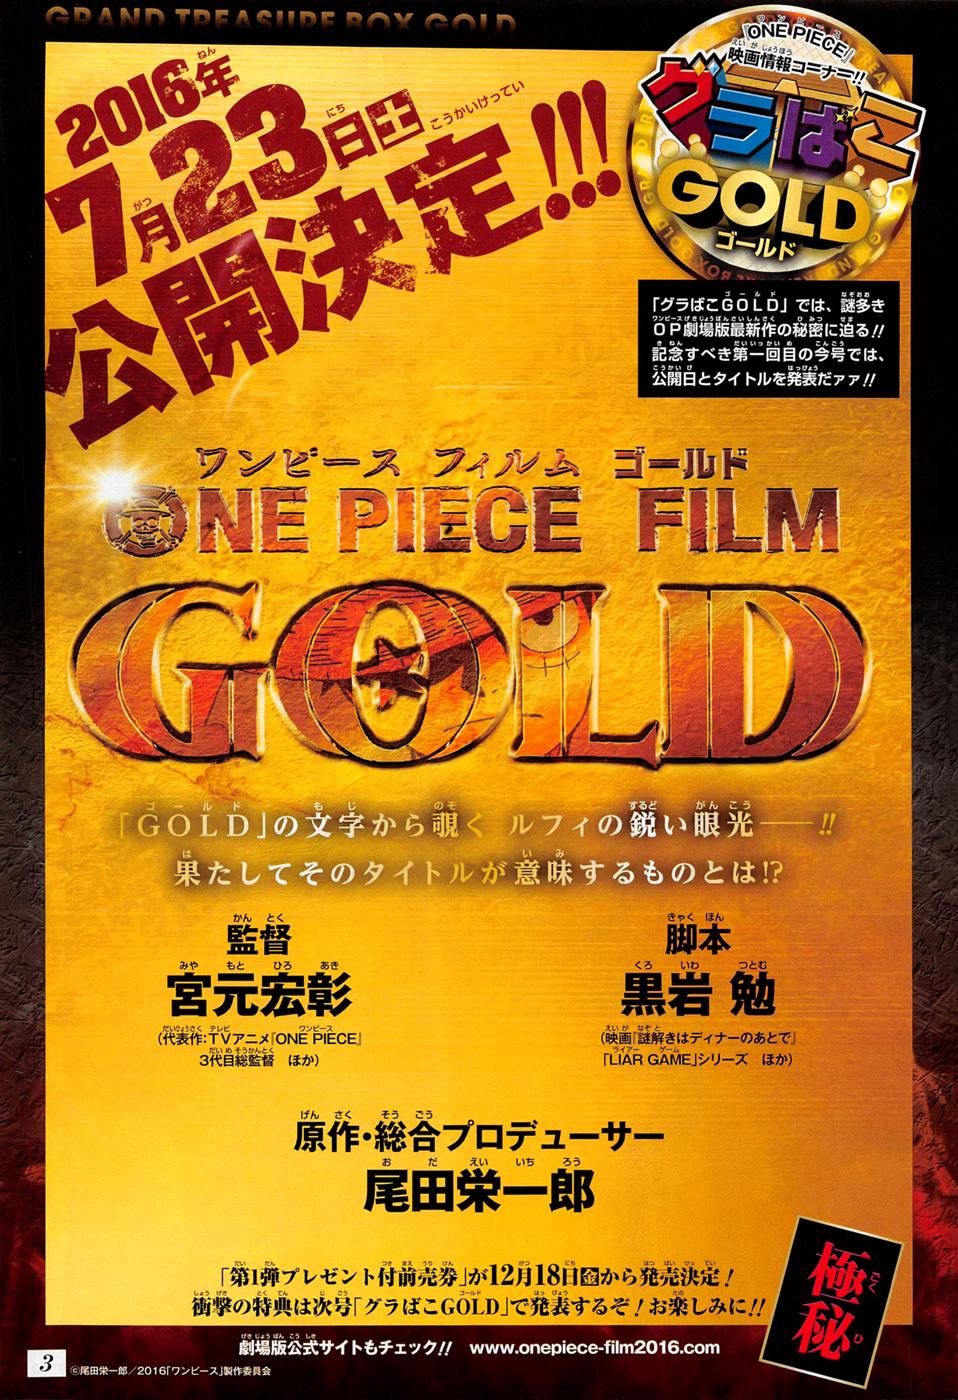 http://c5.ninemanga.com/es_manga/50/114/432136/3335282cc39791af63e21dbfabf8ff65.jpg Page 4